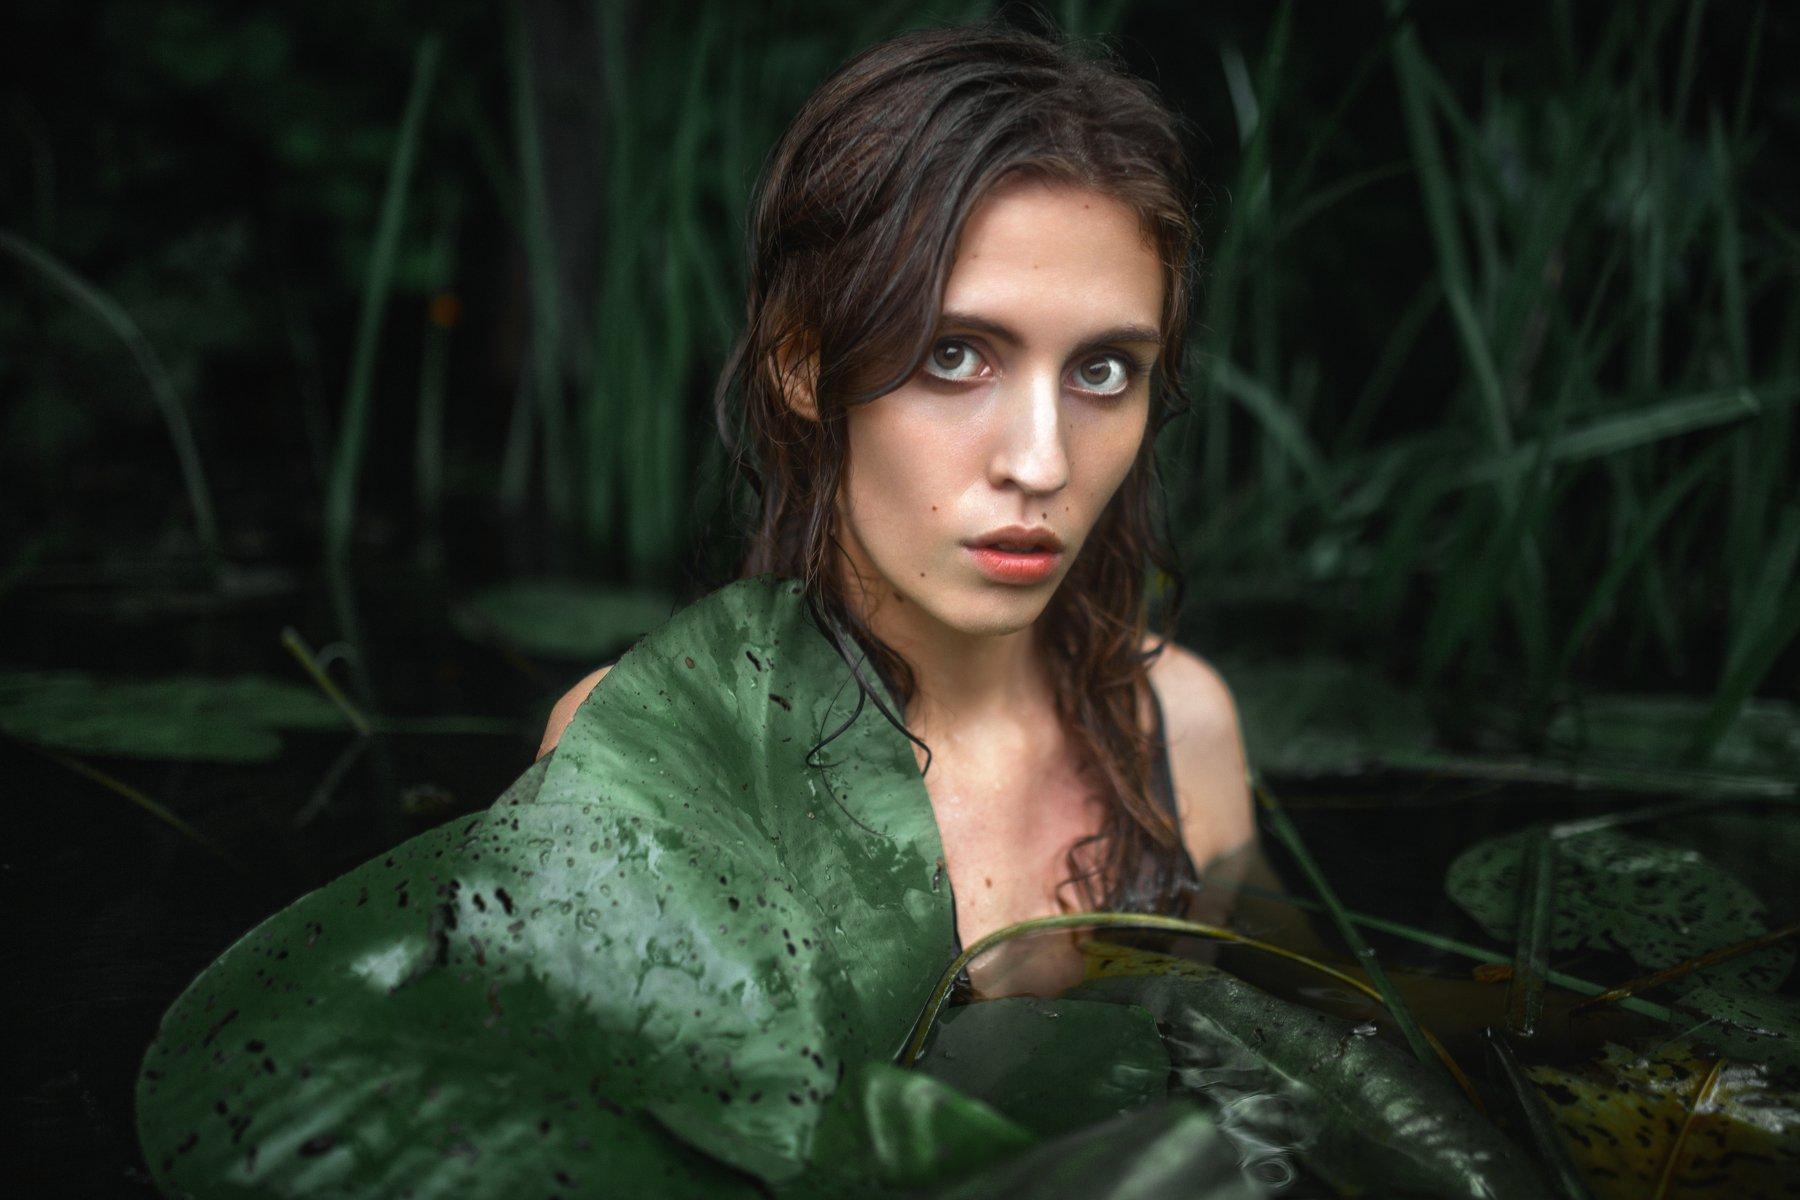 река, портрет, болото, кувшинки, девушка в реке, естественный свет, вода,, Маховицкая Кристина